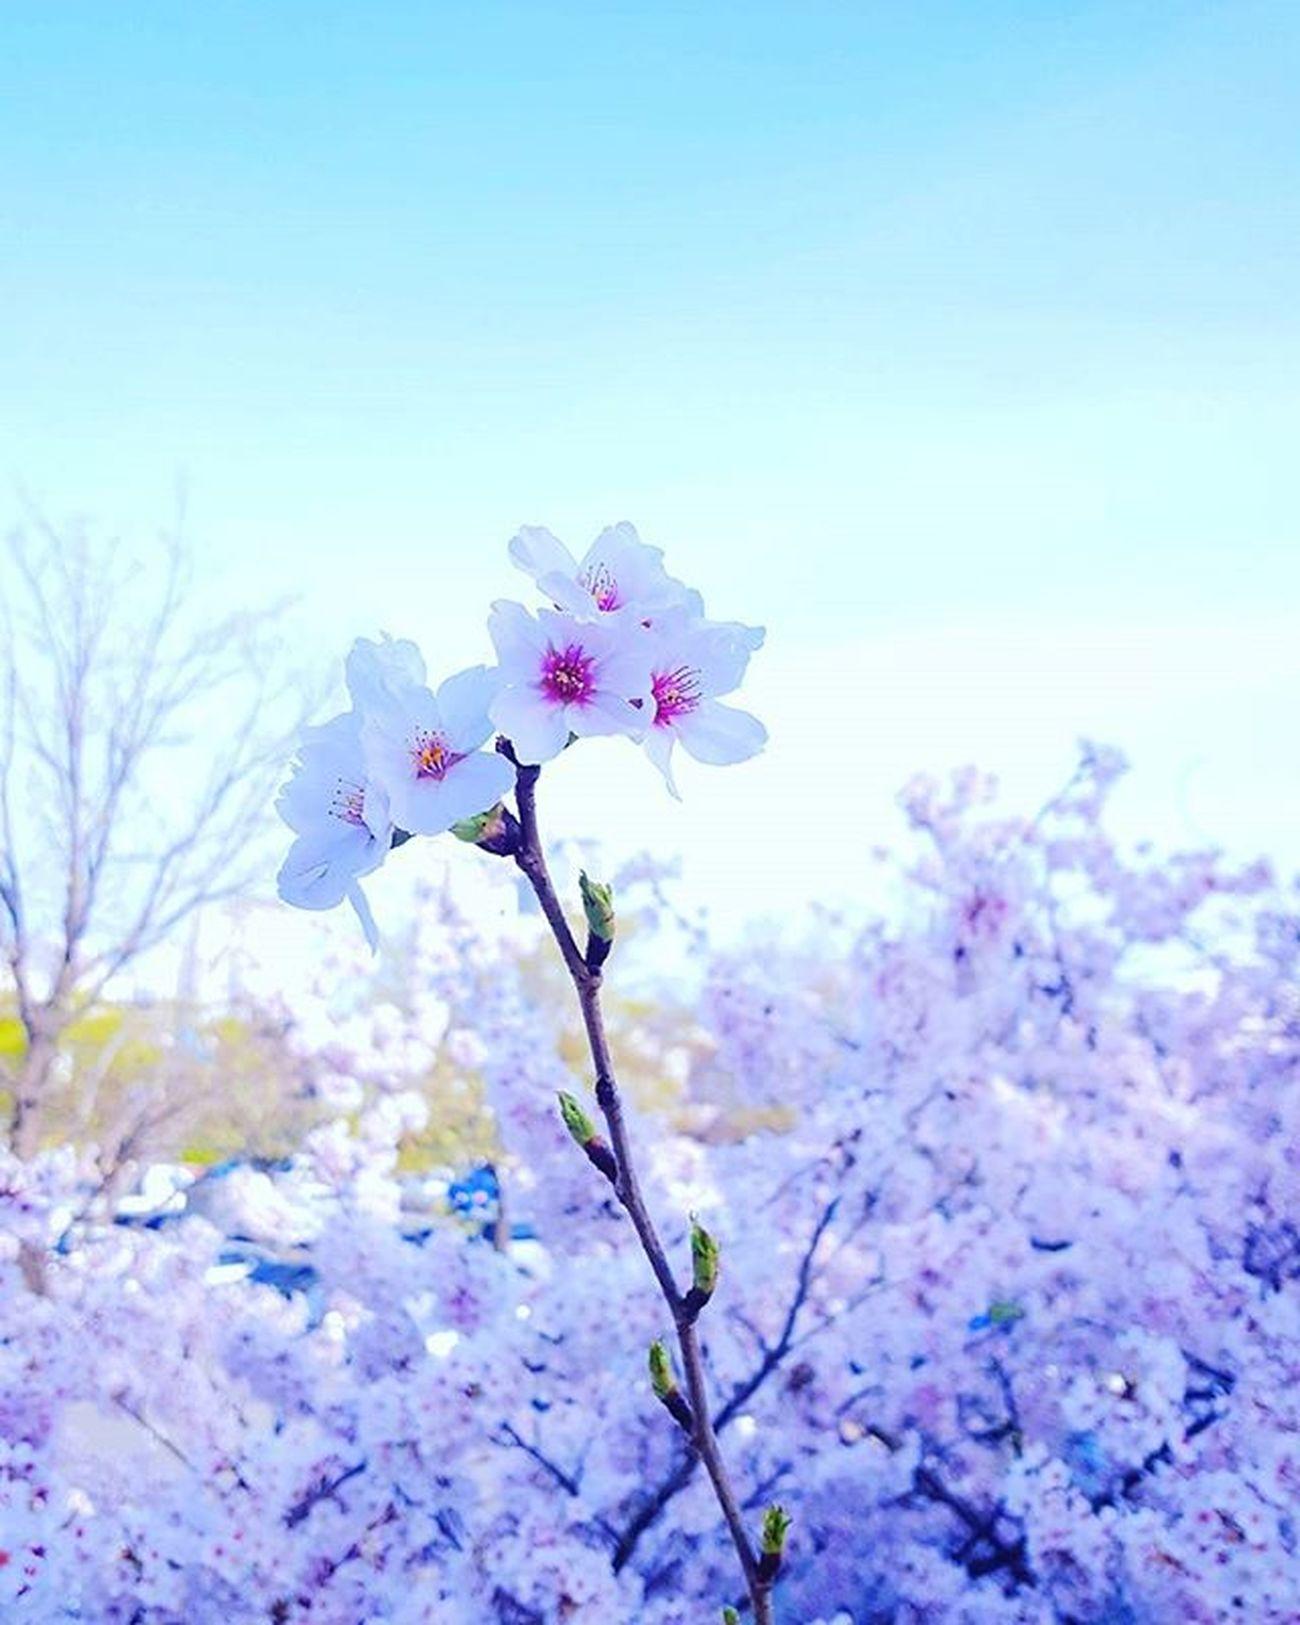 밖에나가면 벚꽃천국이라 안찍을수가 없네요 Photography Photographer 부산 Busan Spring Flower 일상 데일리 감성 감성사진 사진 여행 일상공유 Sotong 미러리스카메라 Follow Followme Photo Travel Daily Southkorea